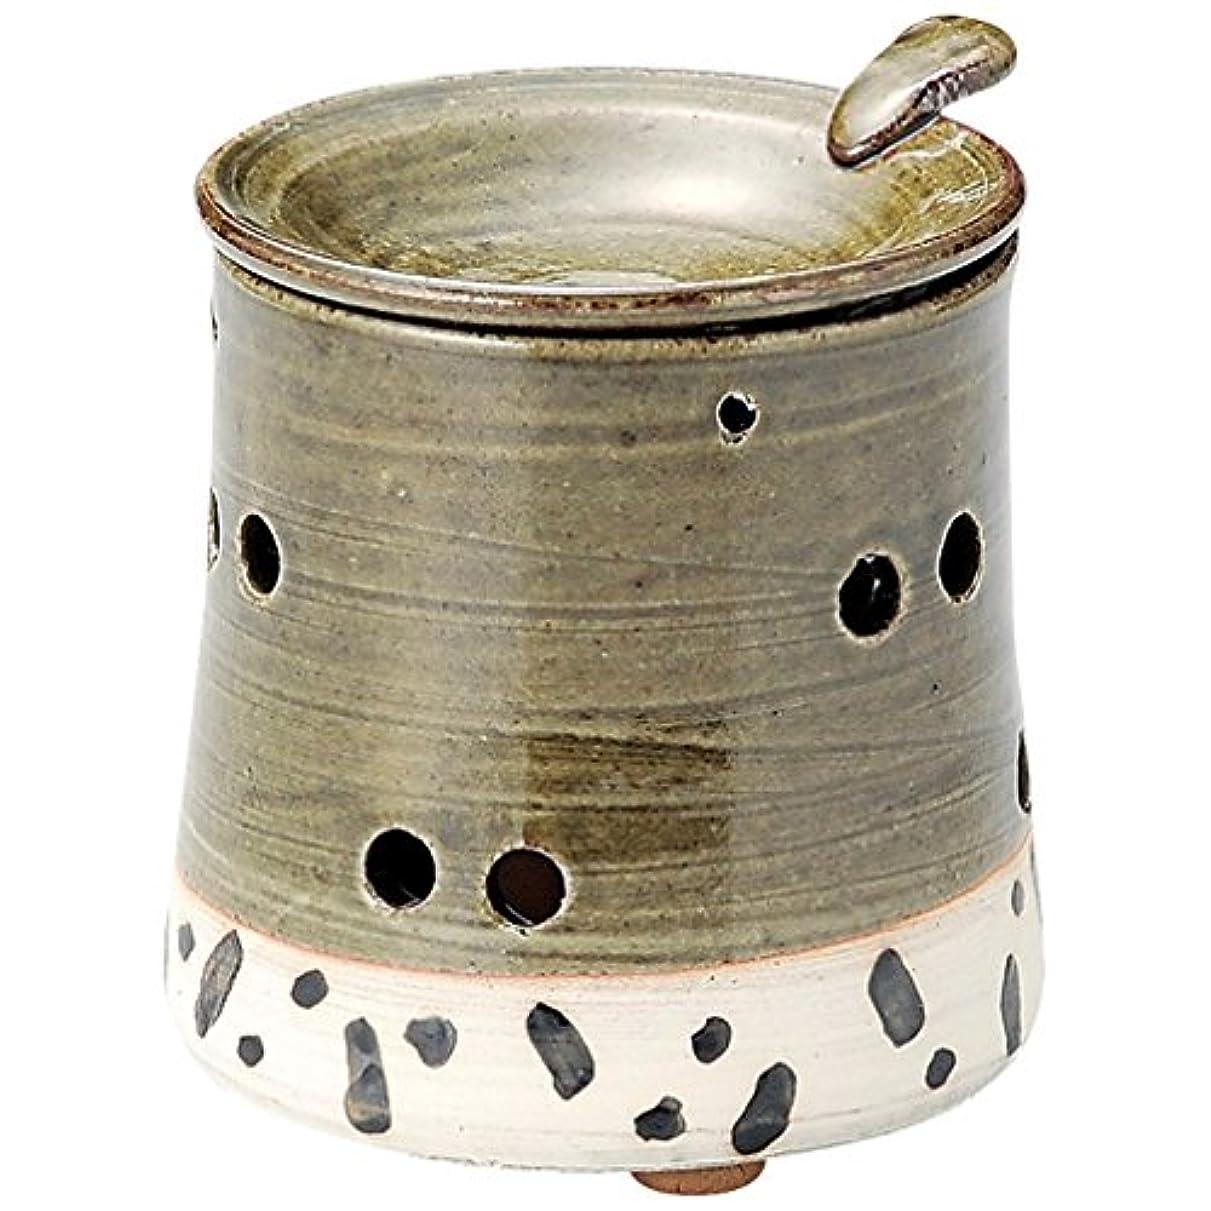 チームラベンダー請求可能山下工芸 常滑焼 山田織部釉茶香炉 10×9.5×9.5cm 13045680